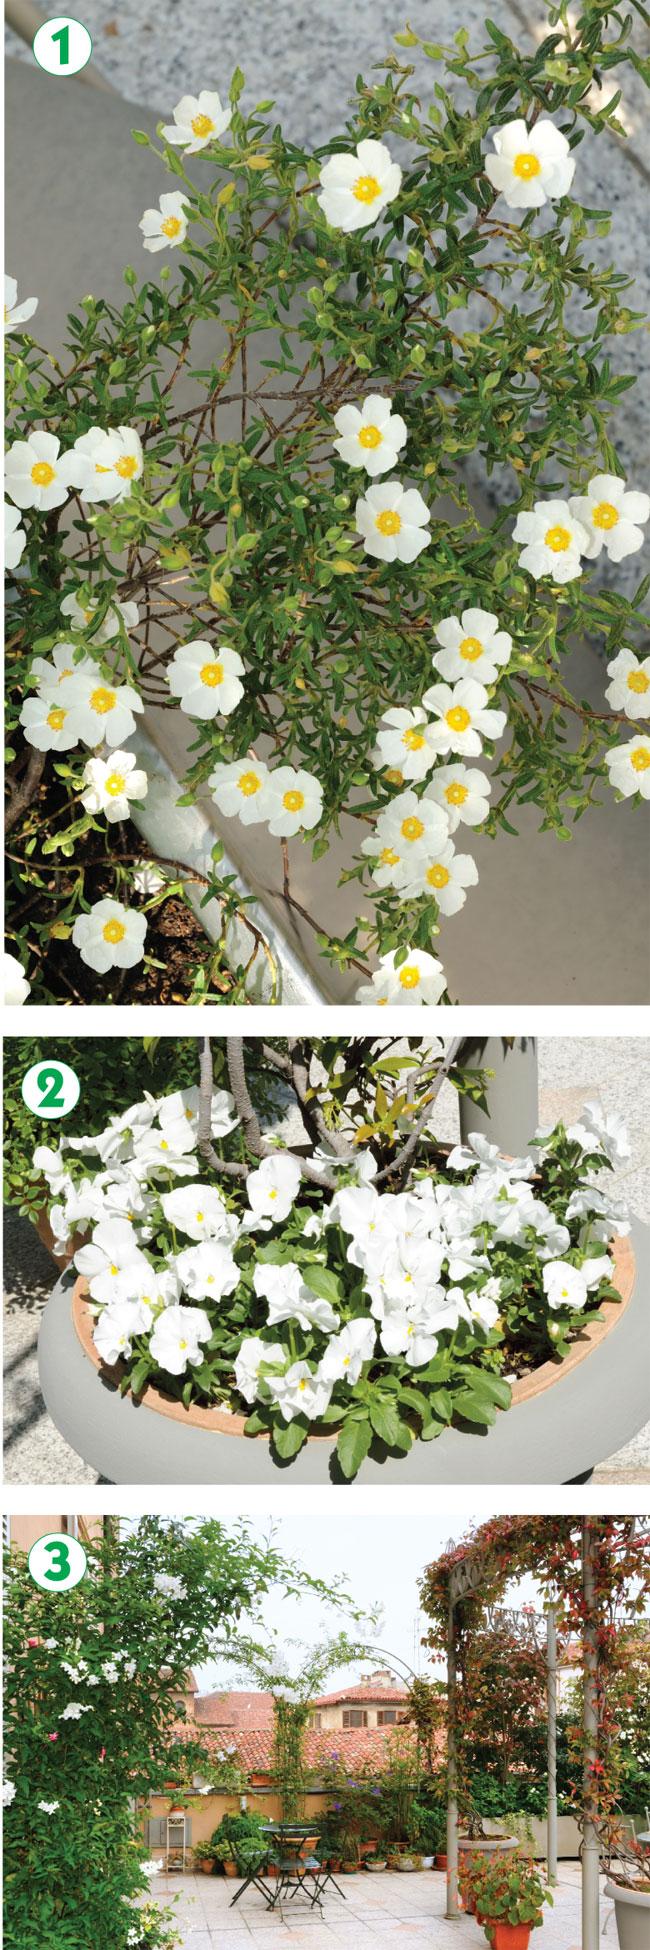 giardino pensile, giardini pensili, giardino in terrazzo, giardino sul terrazzo